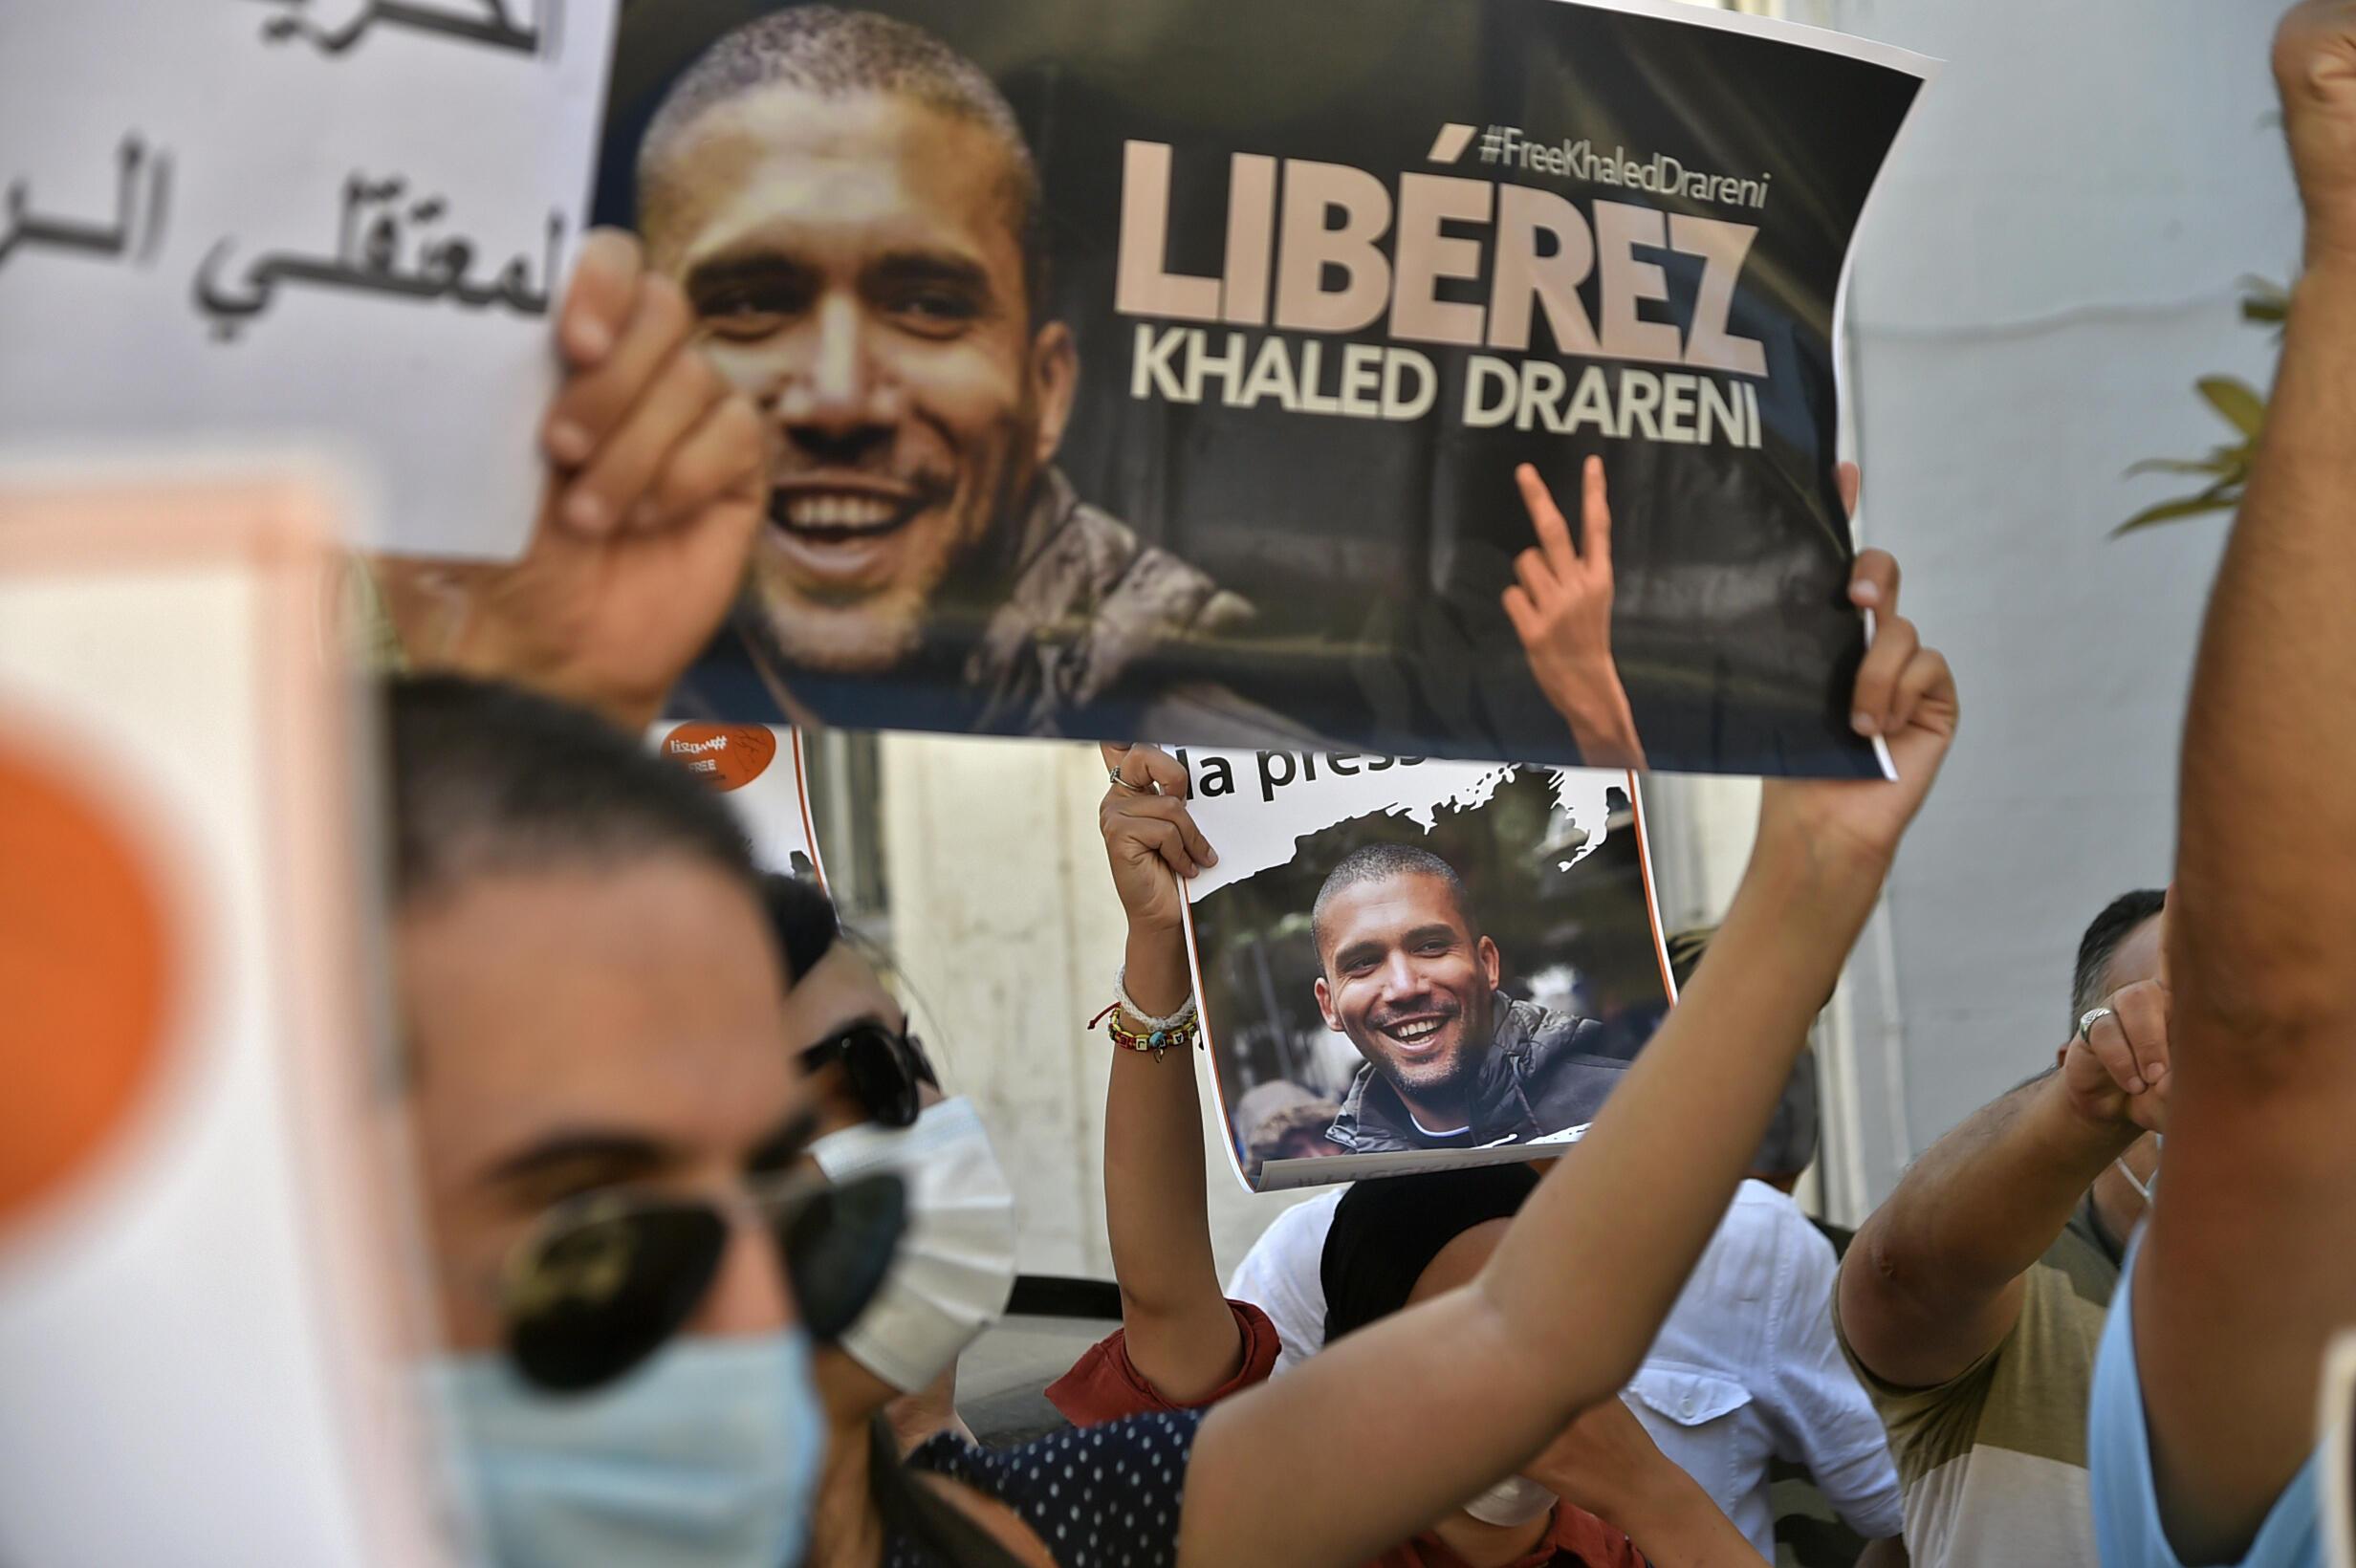 متظاهرون يطالبون بإطلاق سراح الصحافي والناشط الجزائري خالد درارني. الجزائر في 31 أغسطس/آب.